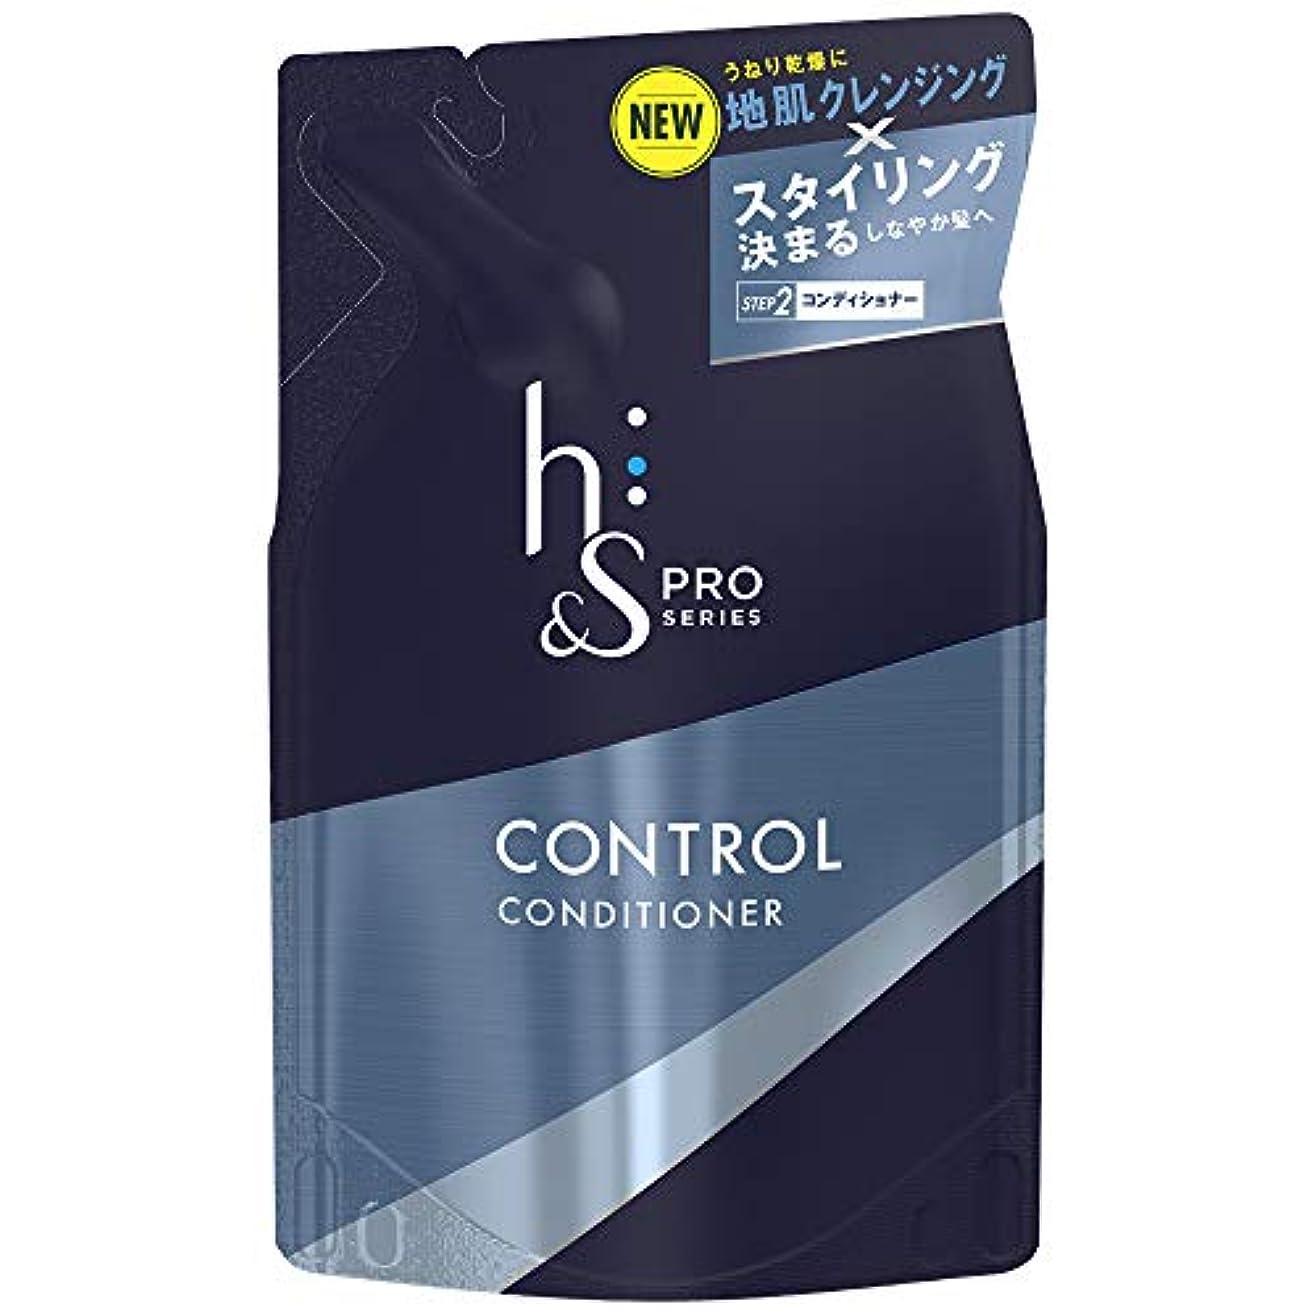 ガレージ議題散文h&s PRO (エイチアンドエス プロ) メンズ コンディショナー コントロール 詰め替え (スタイリング重視) 300g